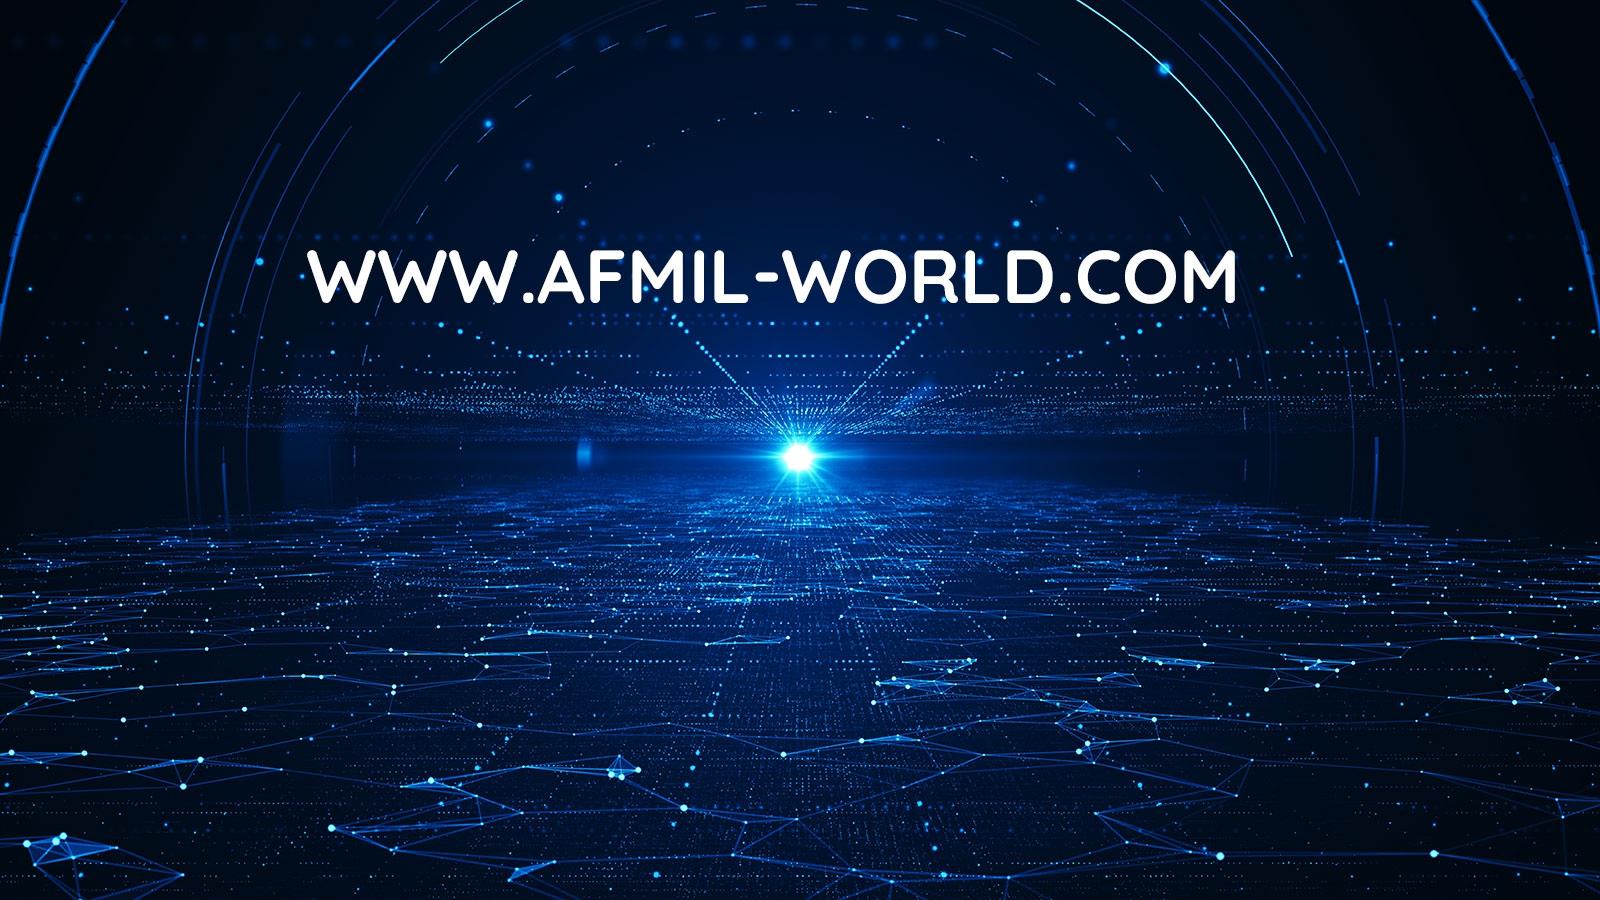 Hébergement Web + Nom de Domaine AFMIL